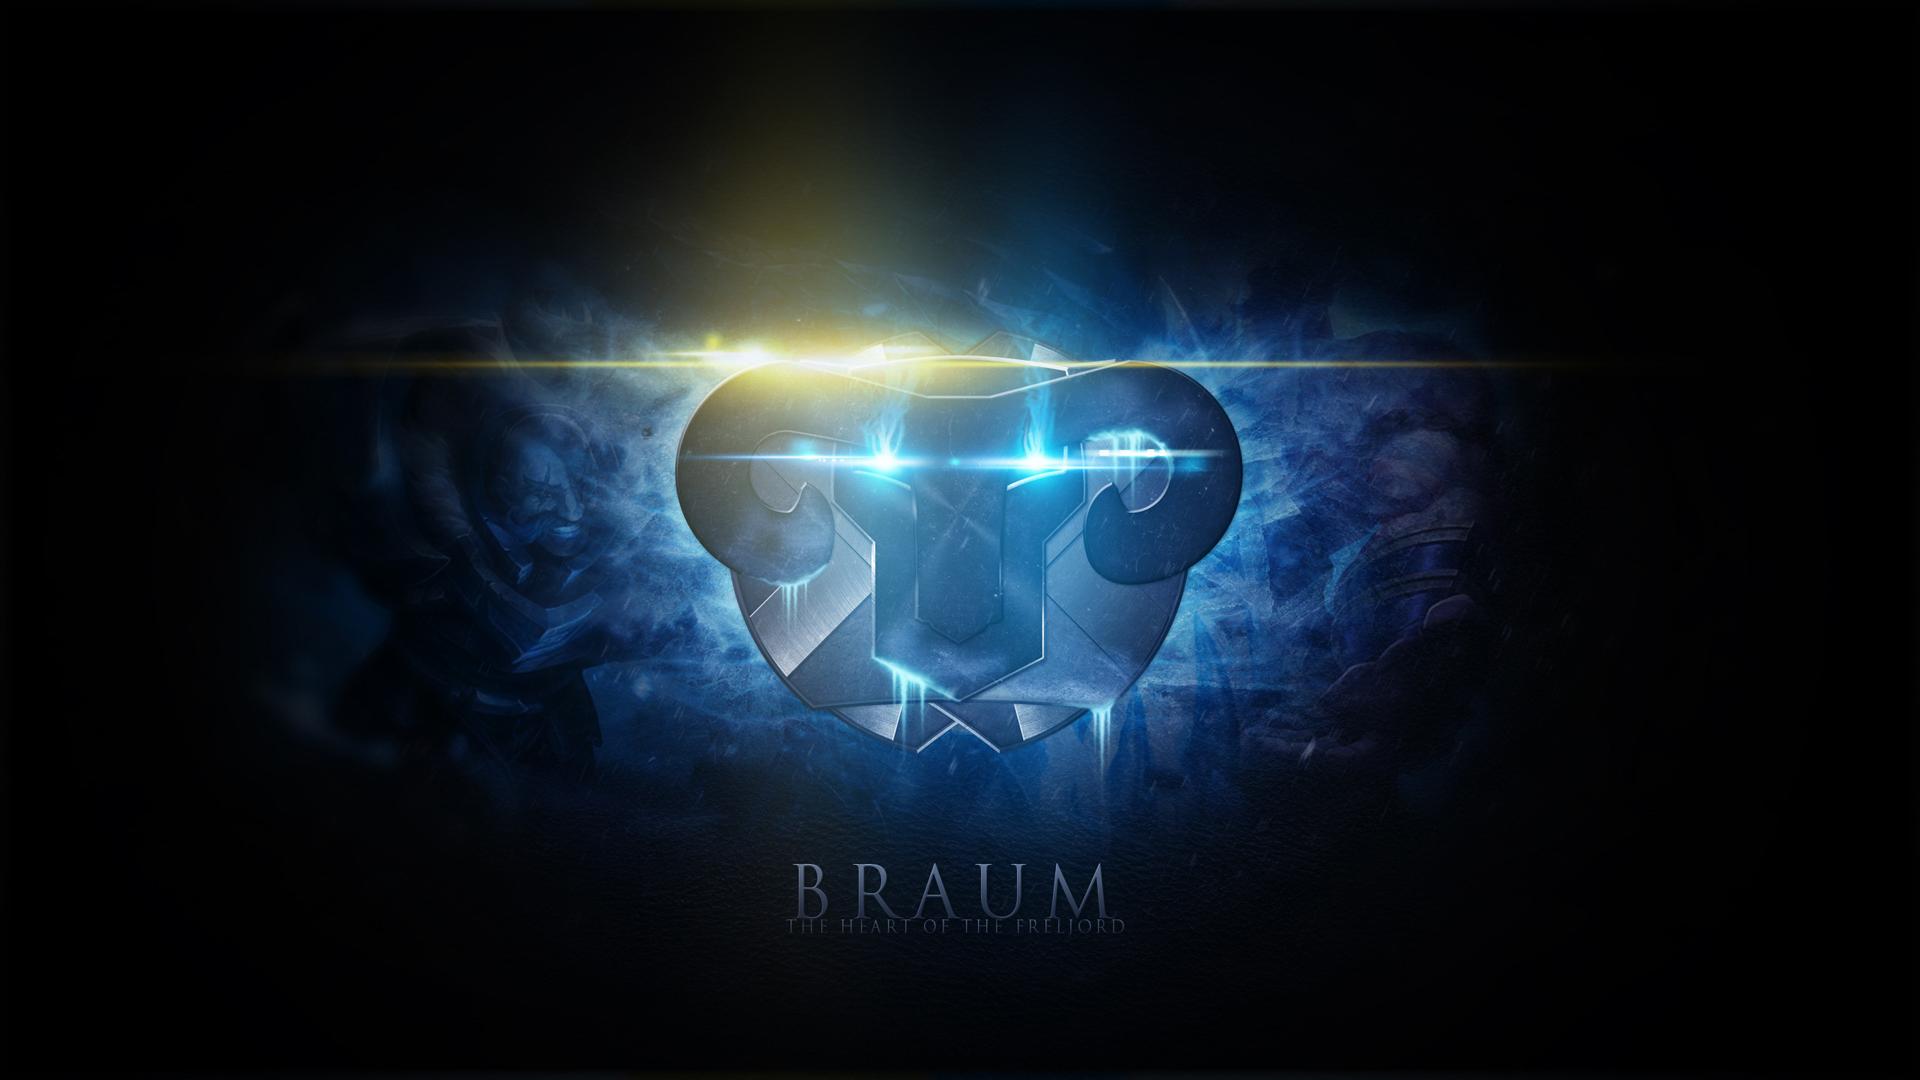 Braum LoL Icon Wallpaper HD